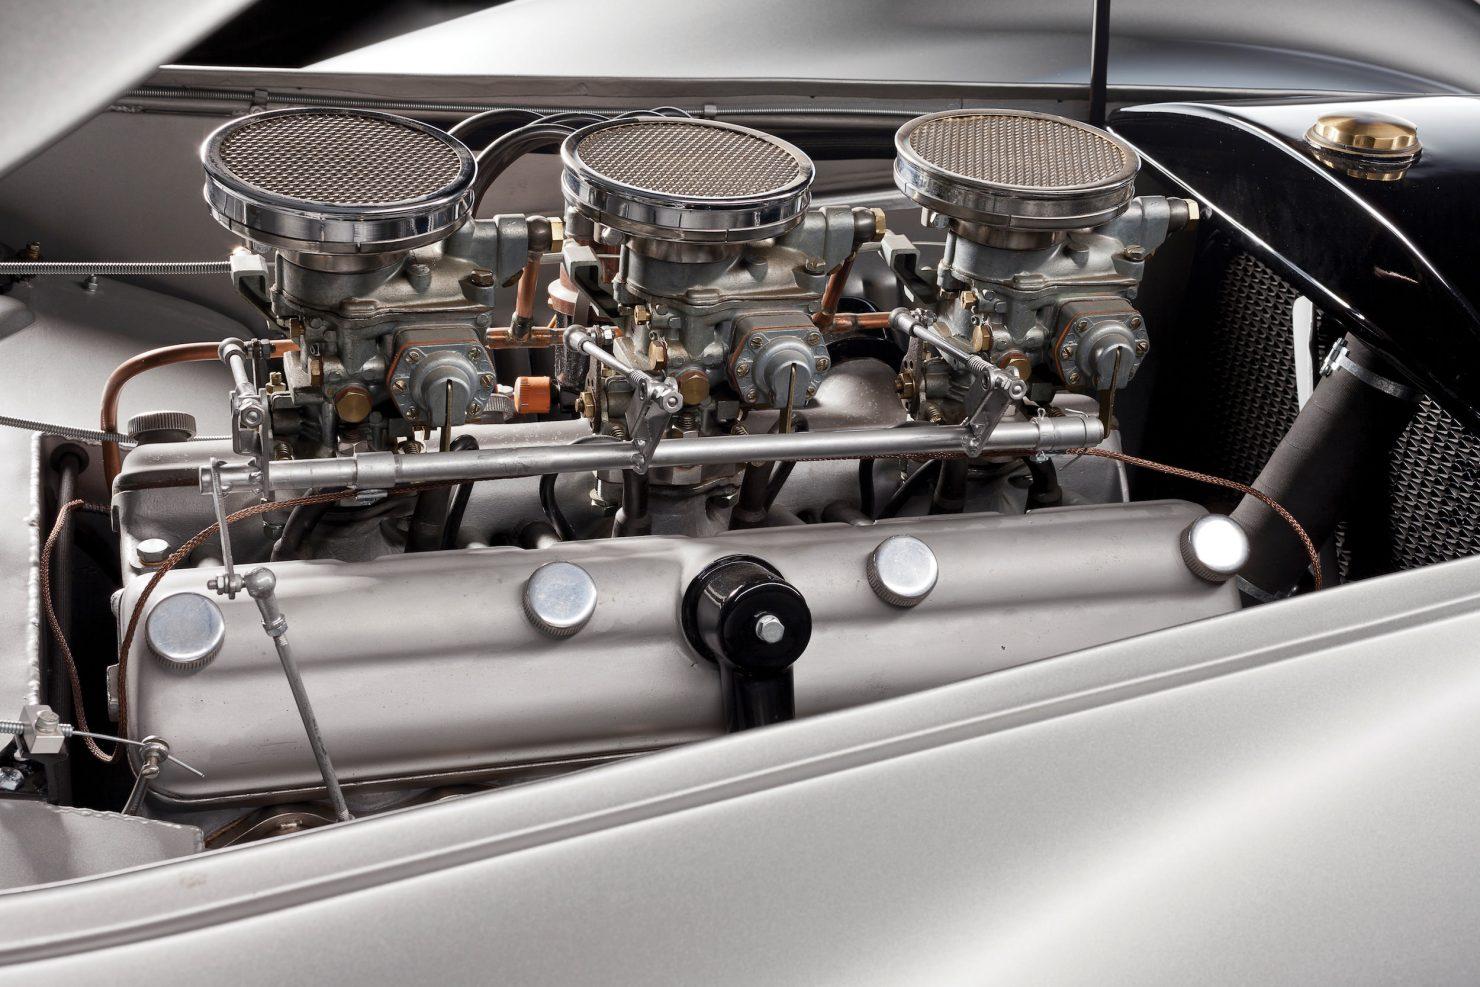 BMW 328 4 1480x987 - 1940 BMW 328 Roadster